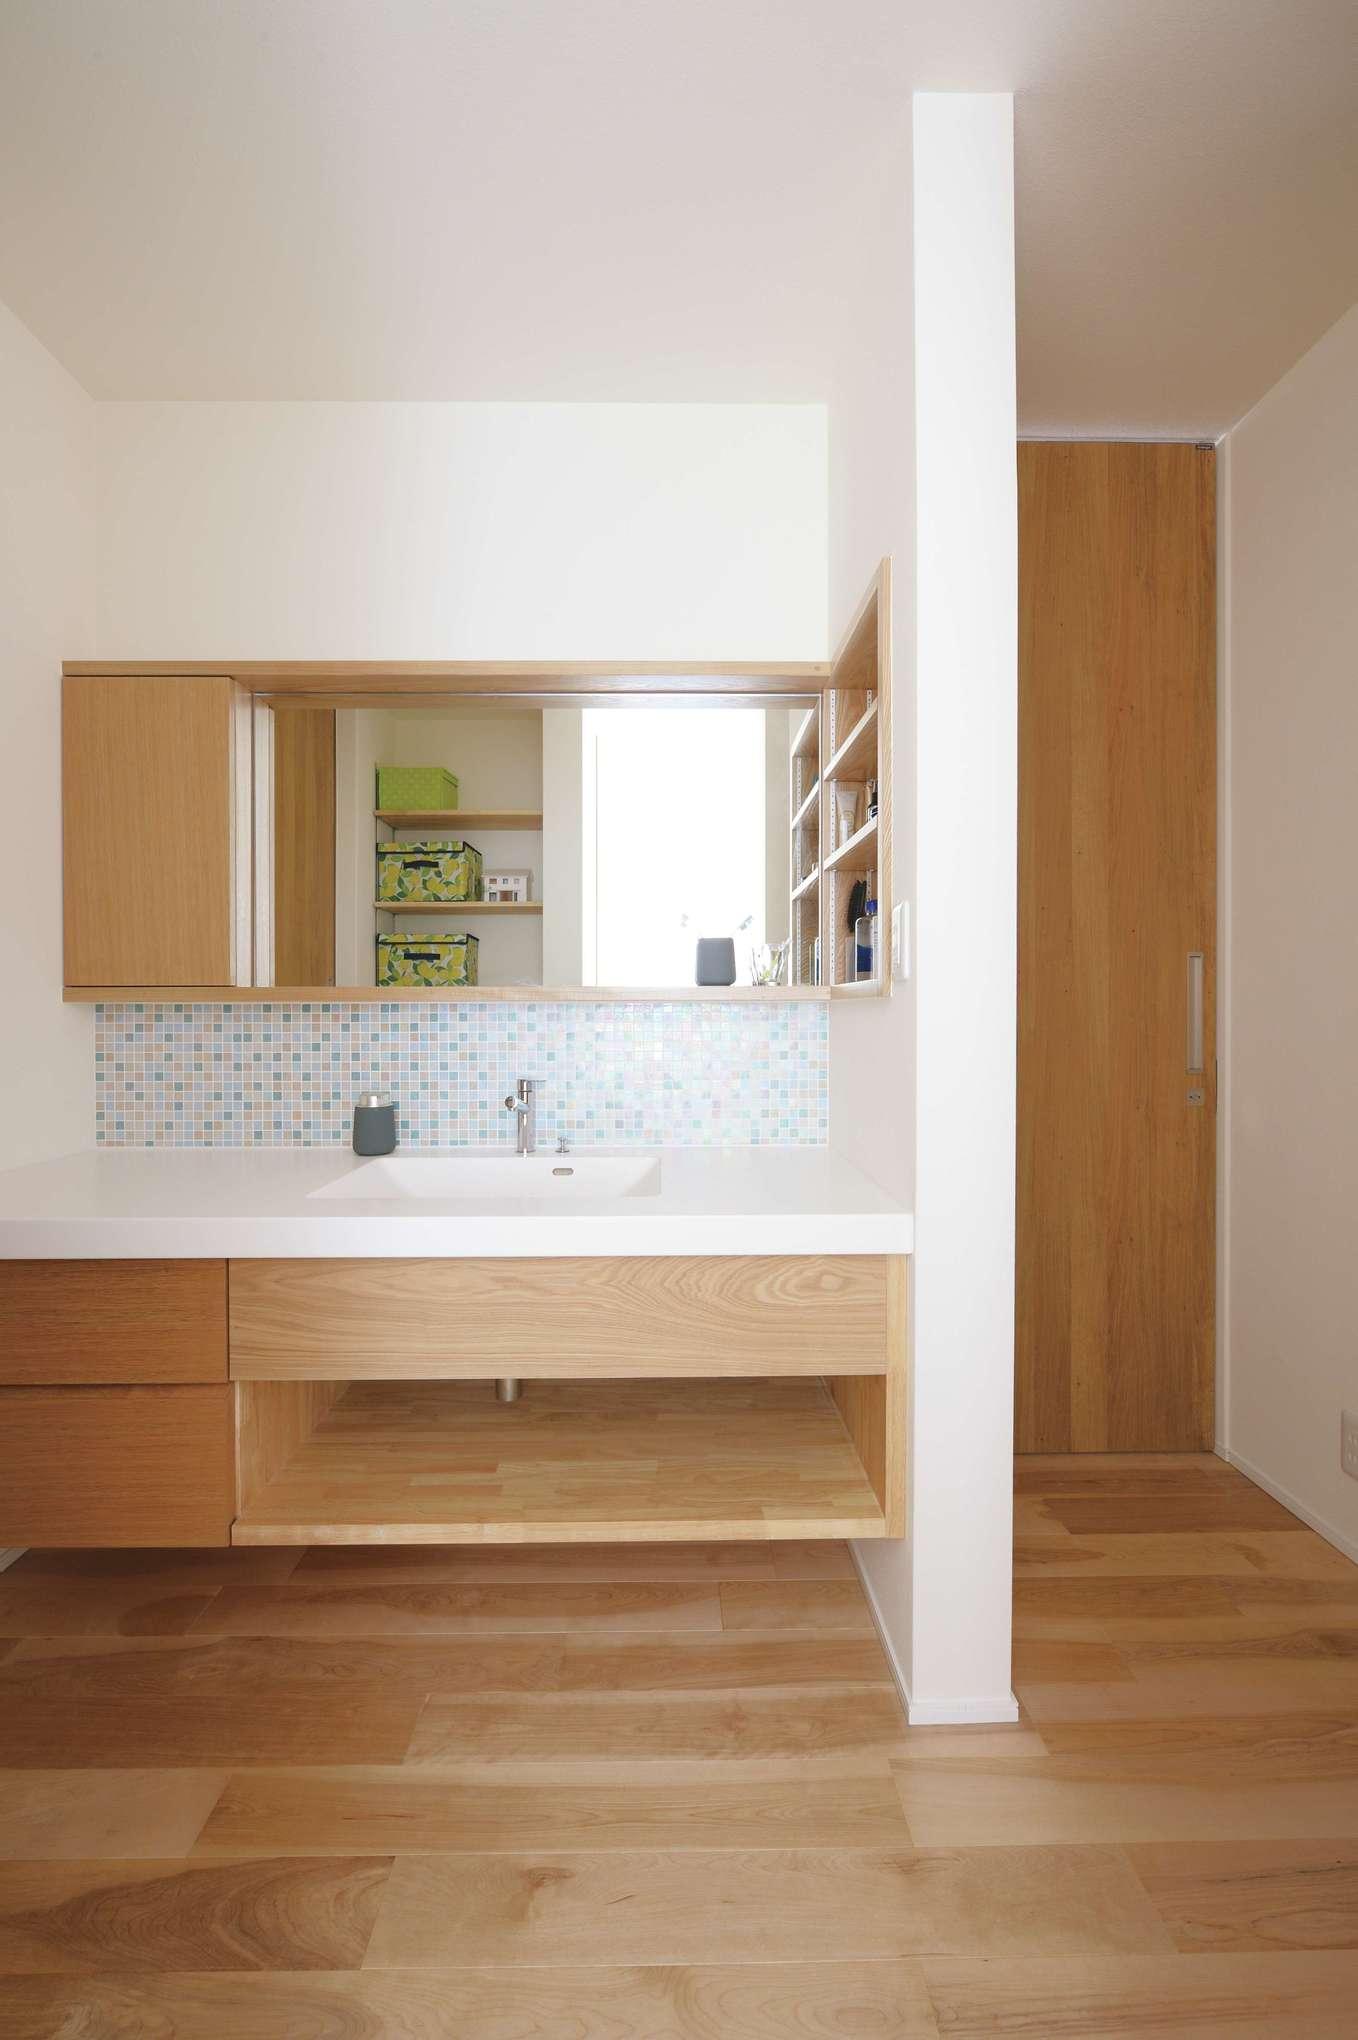 忙しい朝、夫妻が同時に支度できるようにした幅広の独立型洗面室。モザイクタイルをあしらった奥さまお気に入りの場所